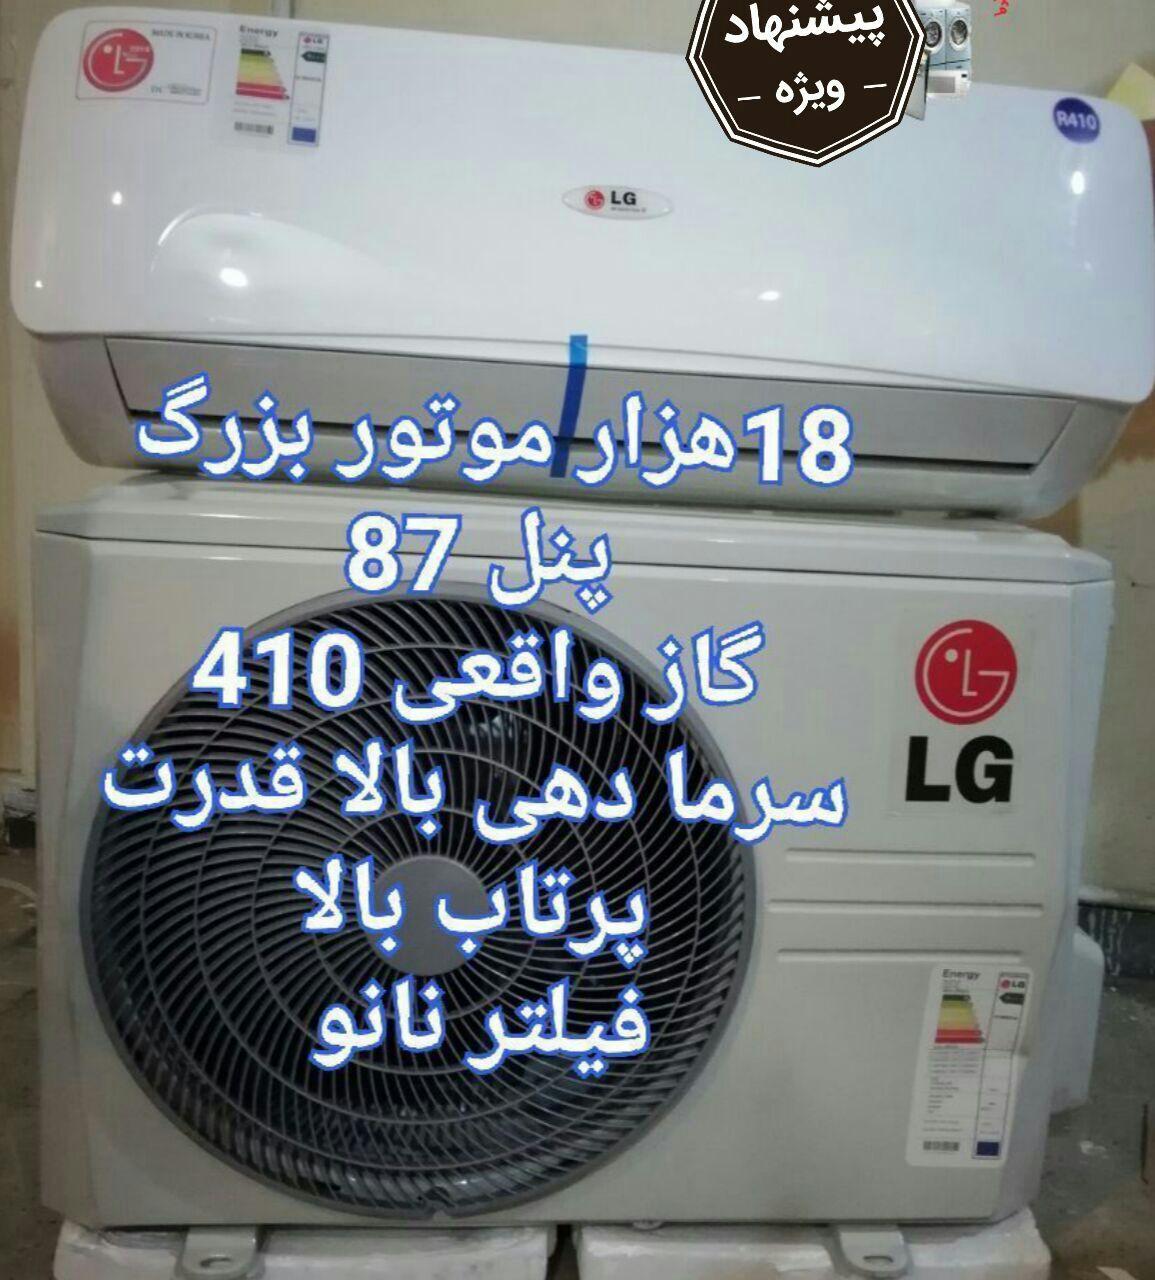 اسپیلت کولر گازی 18000 ال جی LG سرمایشی و گرمایشی کم مصرف اینورتر